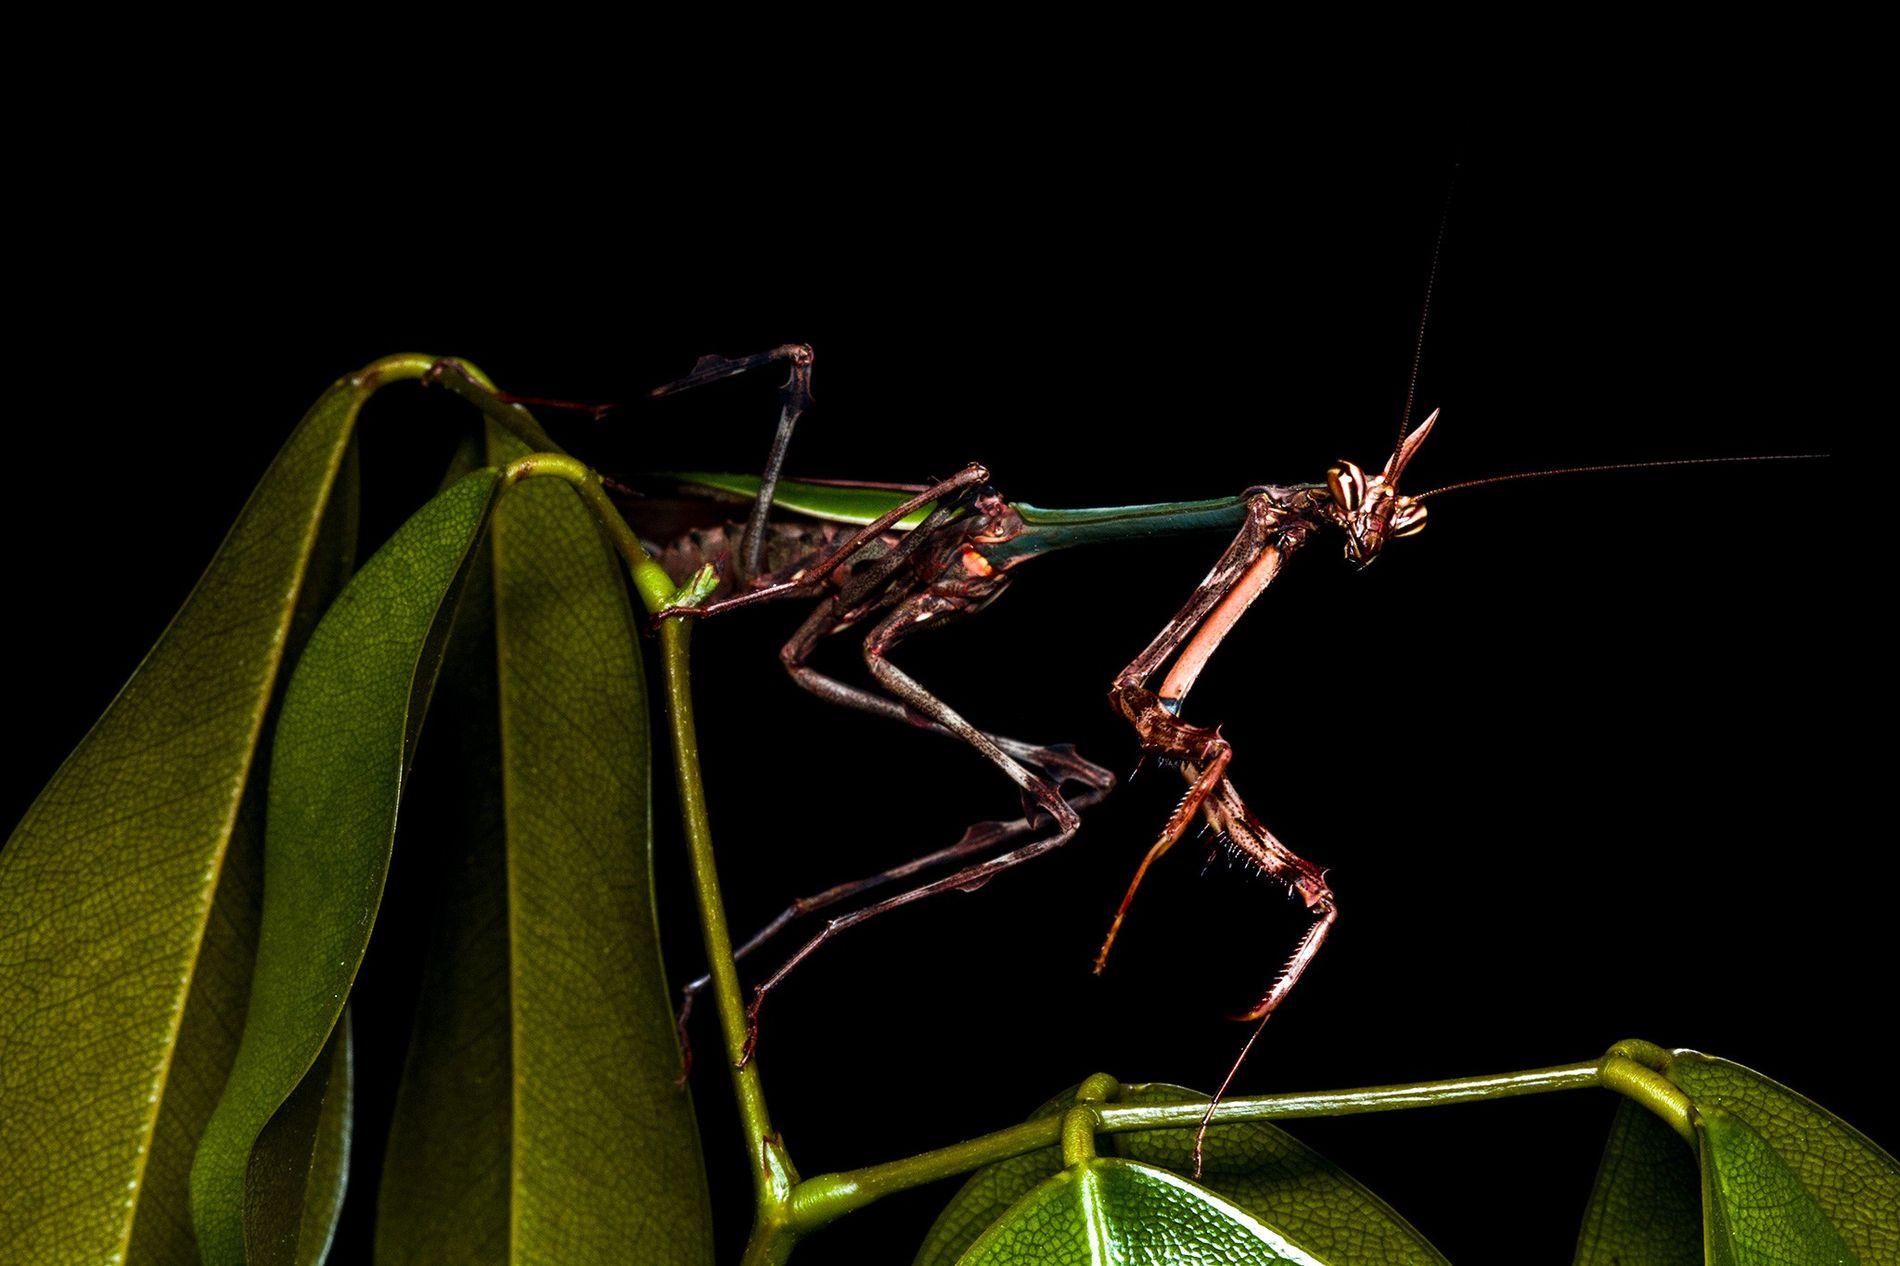 Louva-a-deus unicórnio encontrado na Reserva Ecológica de Guapiaçu, no Brasil, do gênero Zoolea, que pode ser ...